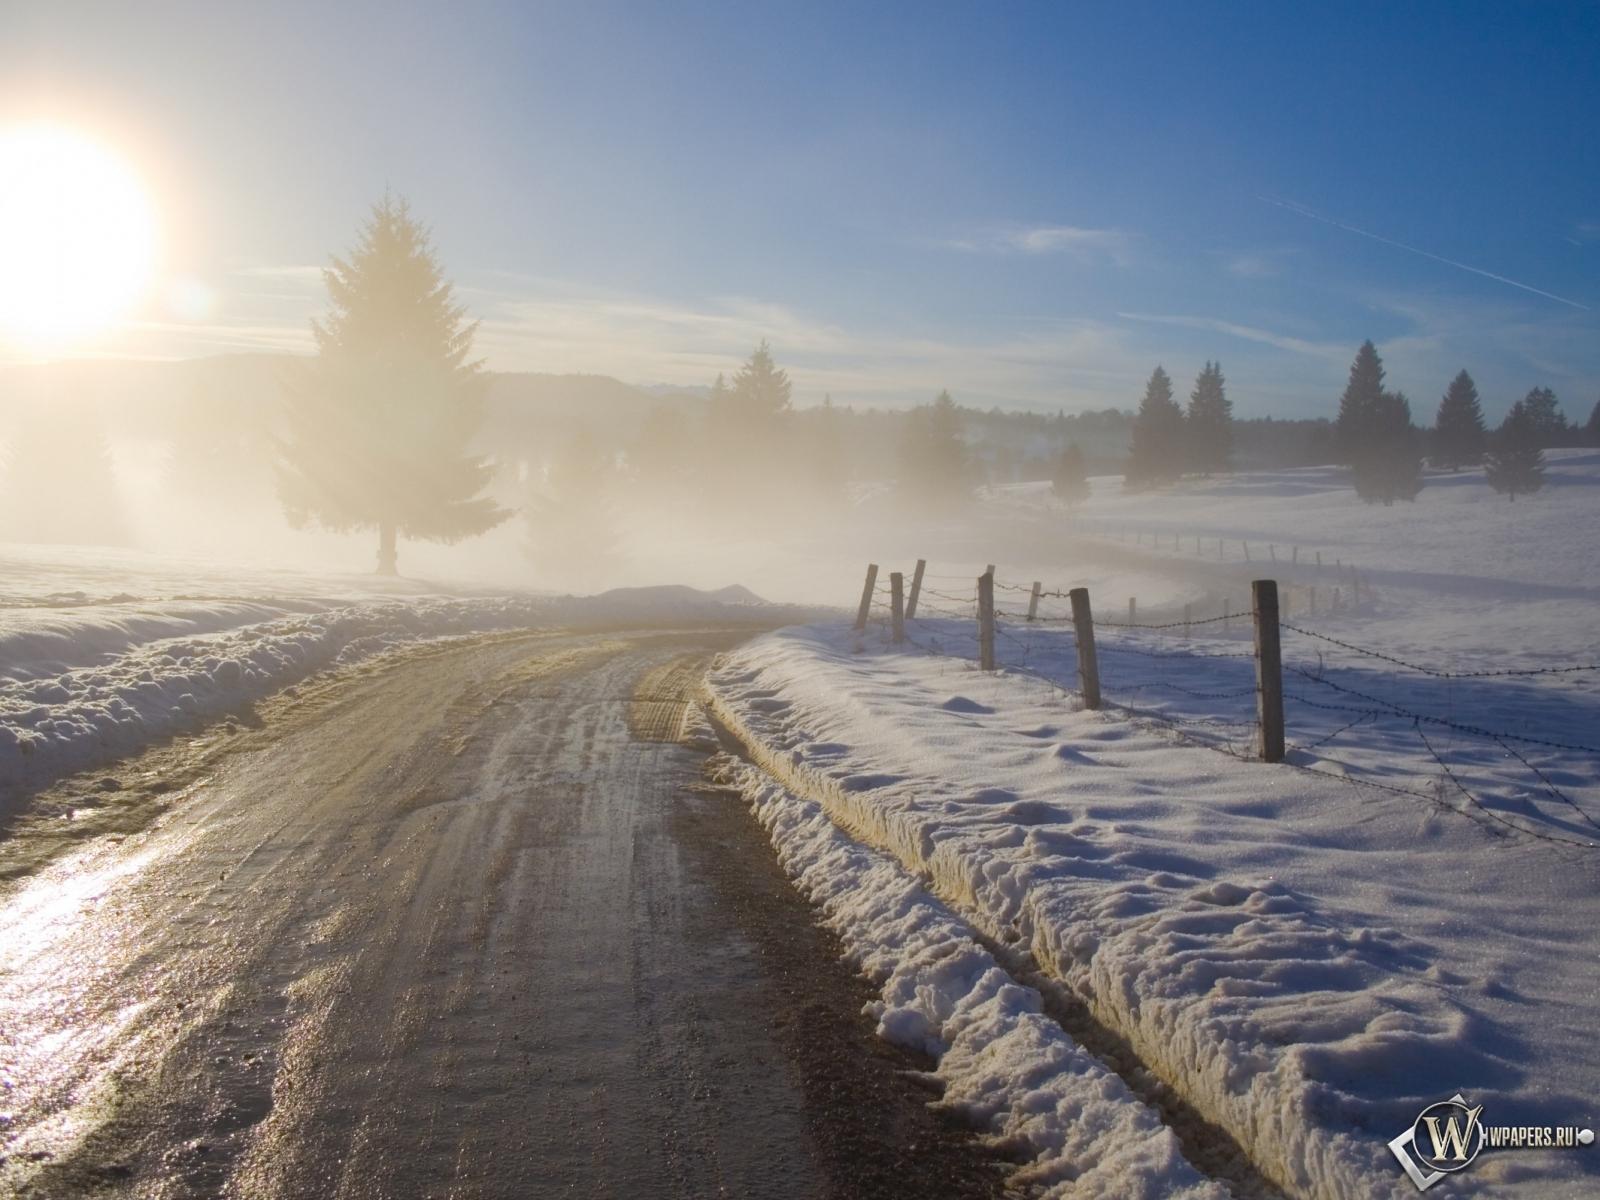 Картинки для рабочего зима солнце